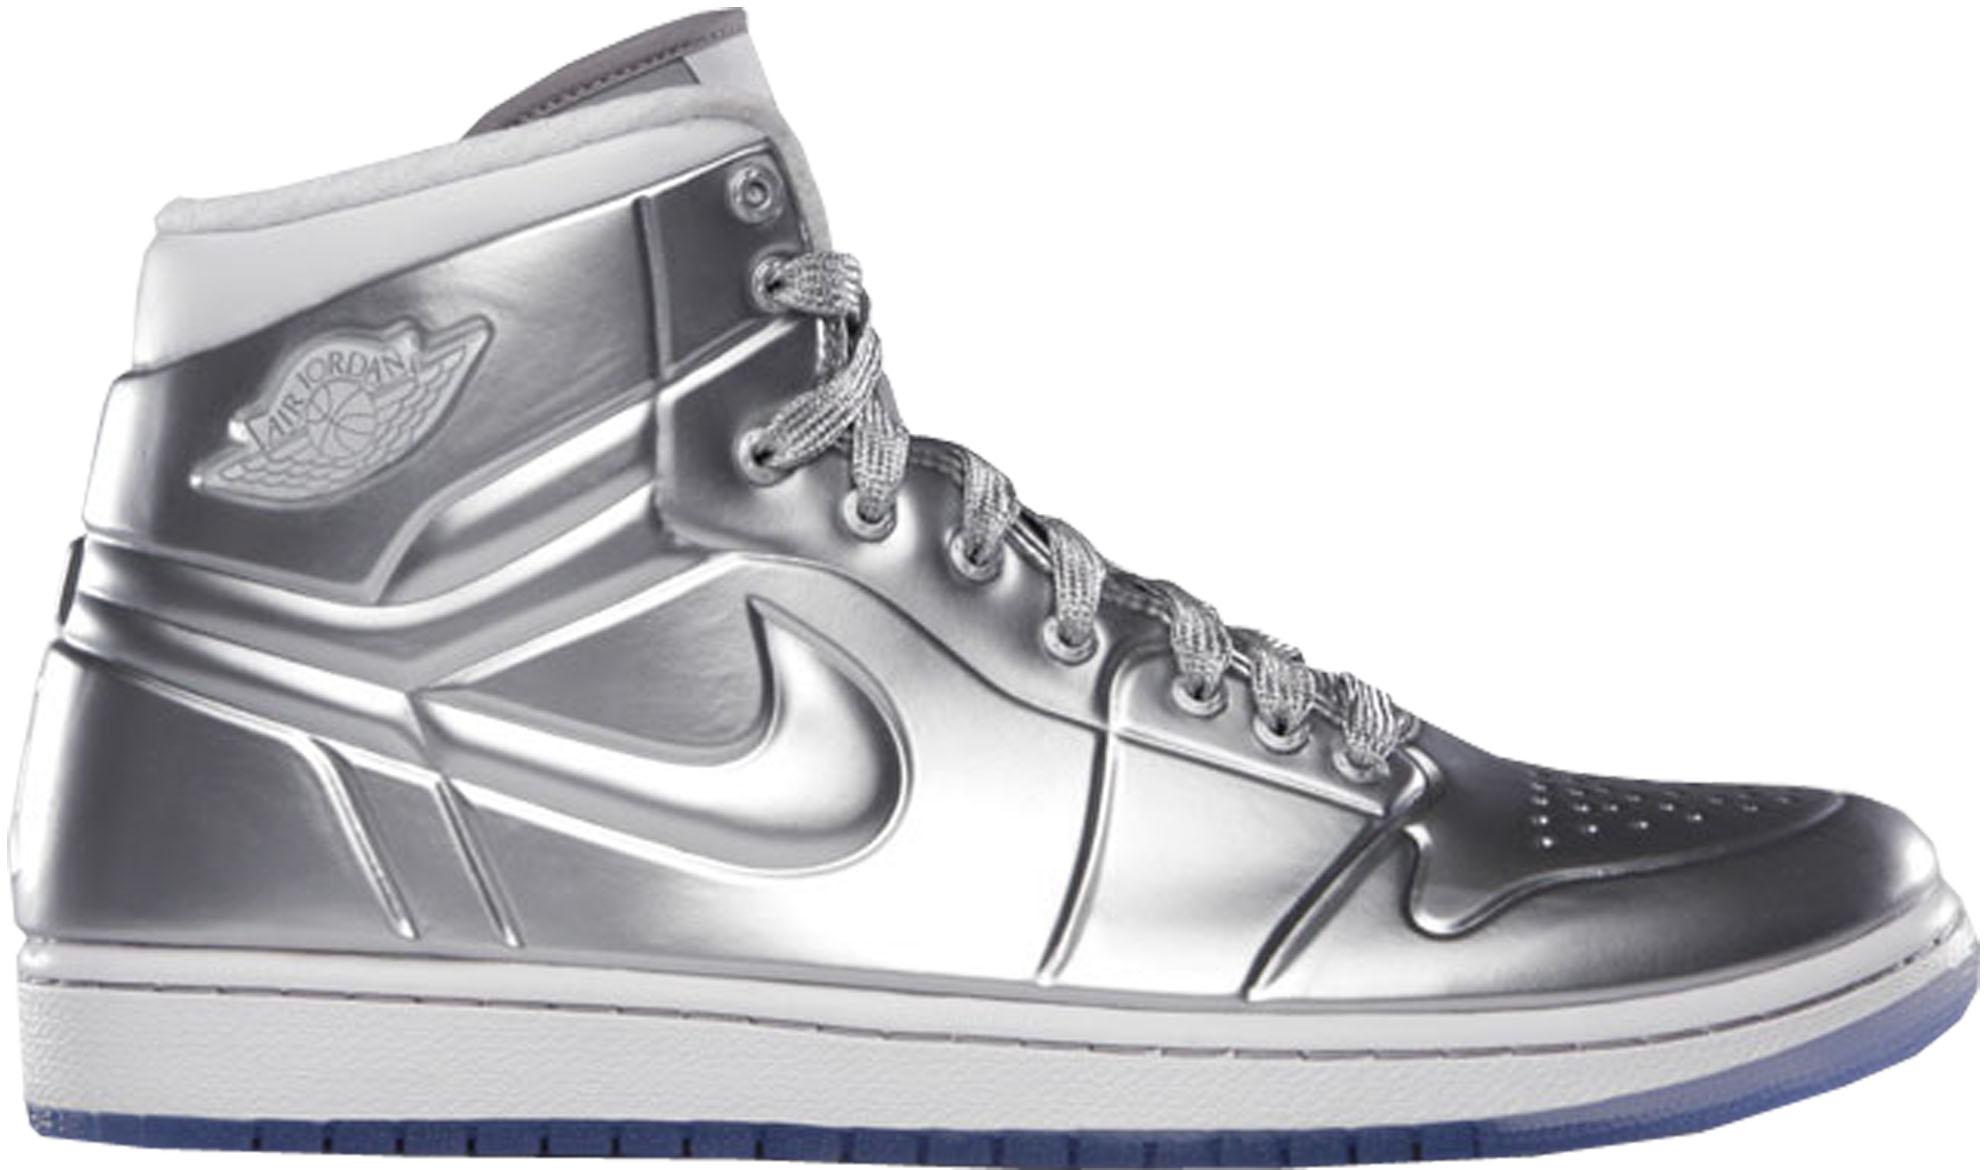 Jordan 1 Anodized Silver - 414823-001